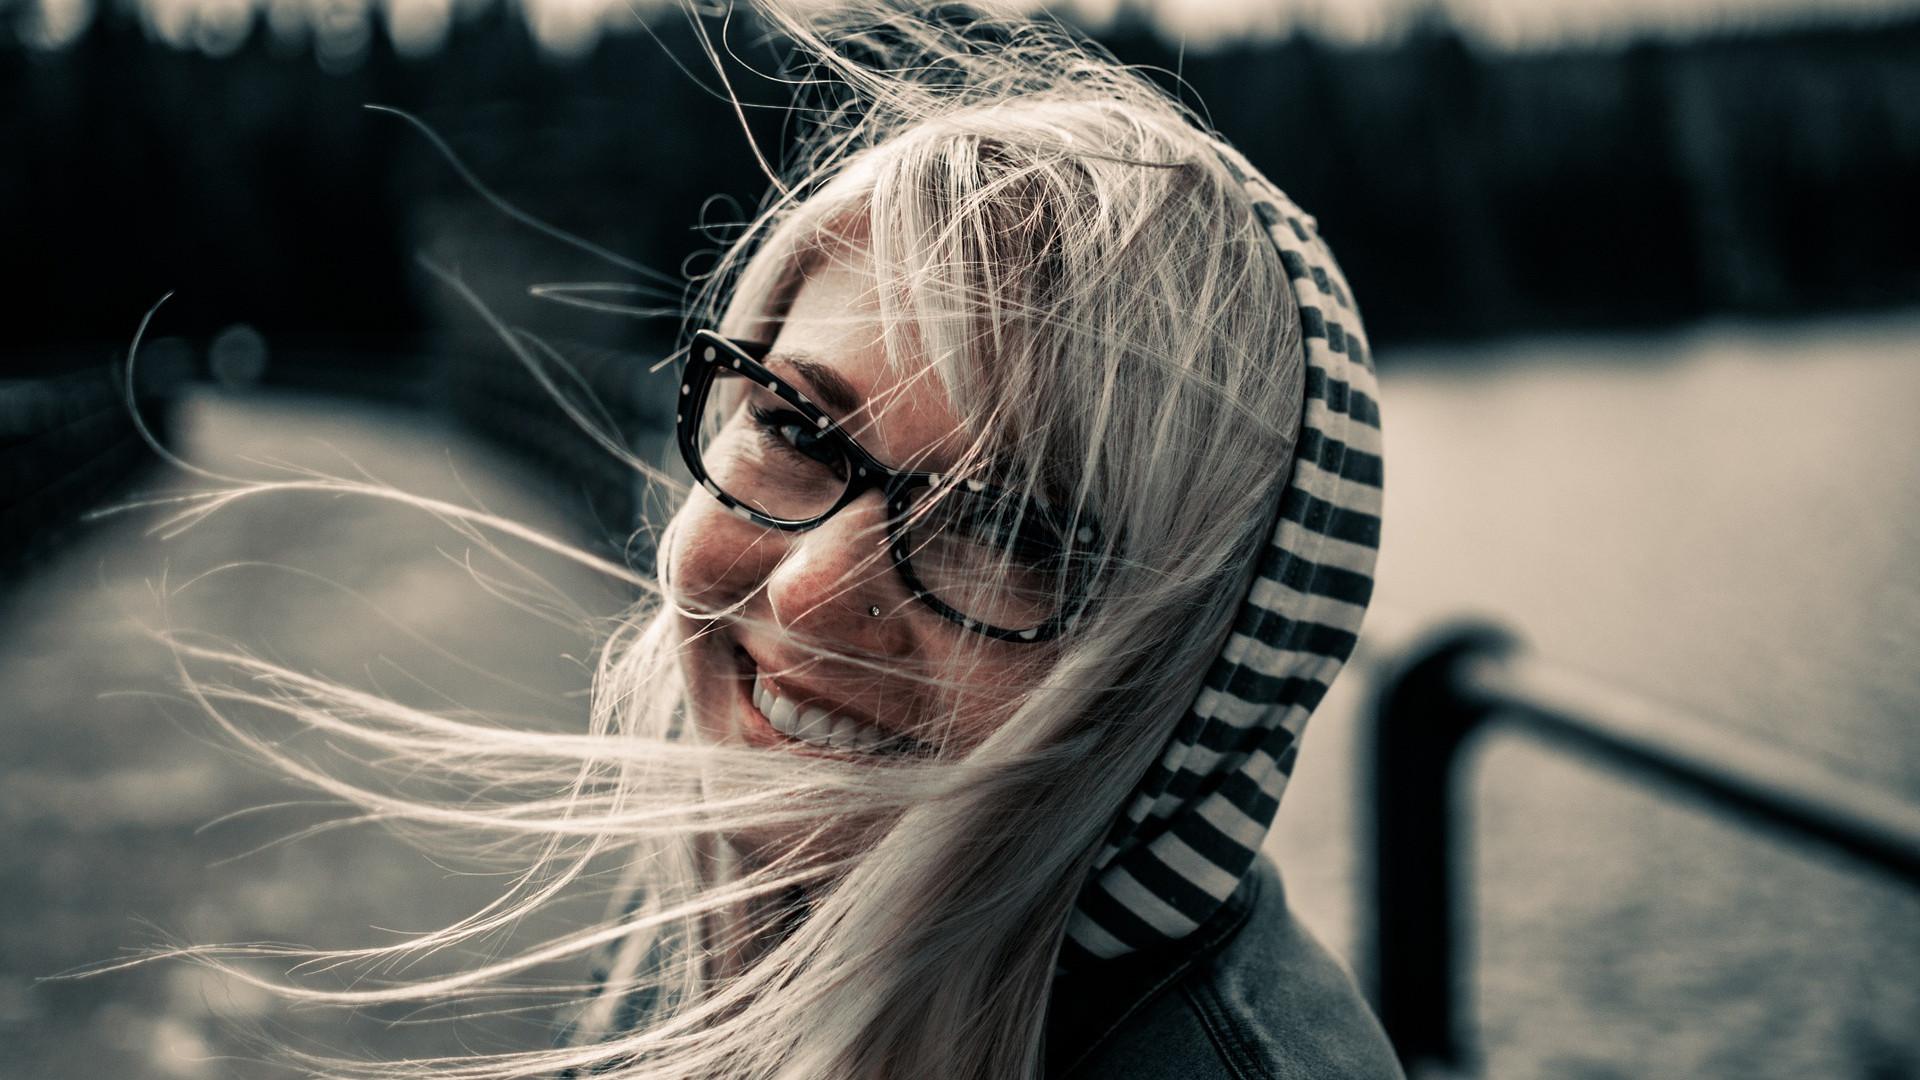 Changez votre coupe de cheveux pour retrouver le sourire